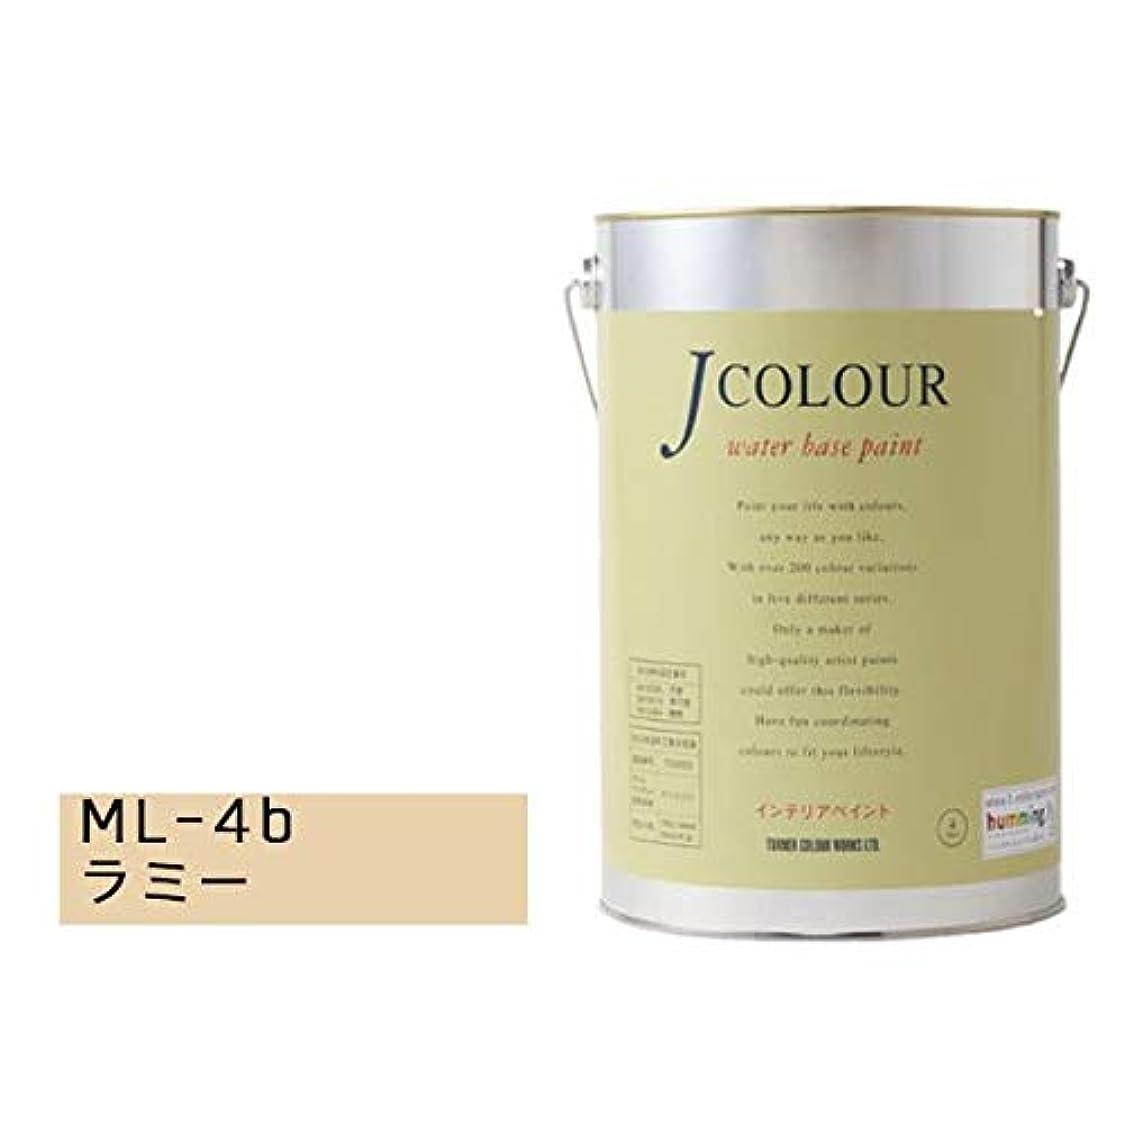 噛む欲望インタビュー壁紙の上からでも簡単に塗れるインテリアペイント ターナー色彩 水性インテリアペイント Jカラー 4L ラミー JC40ML4B(ML-4b) 〈簡易梱包